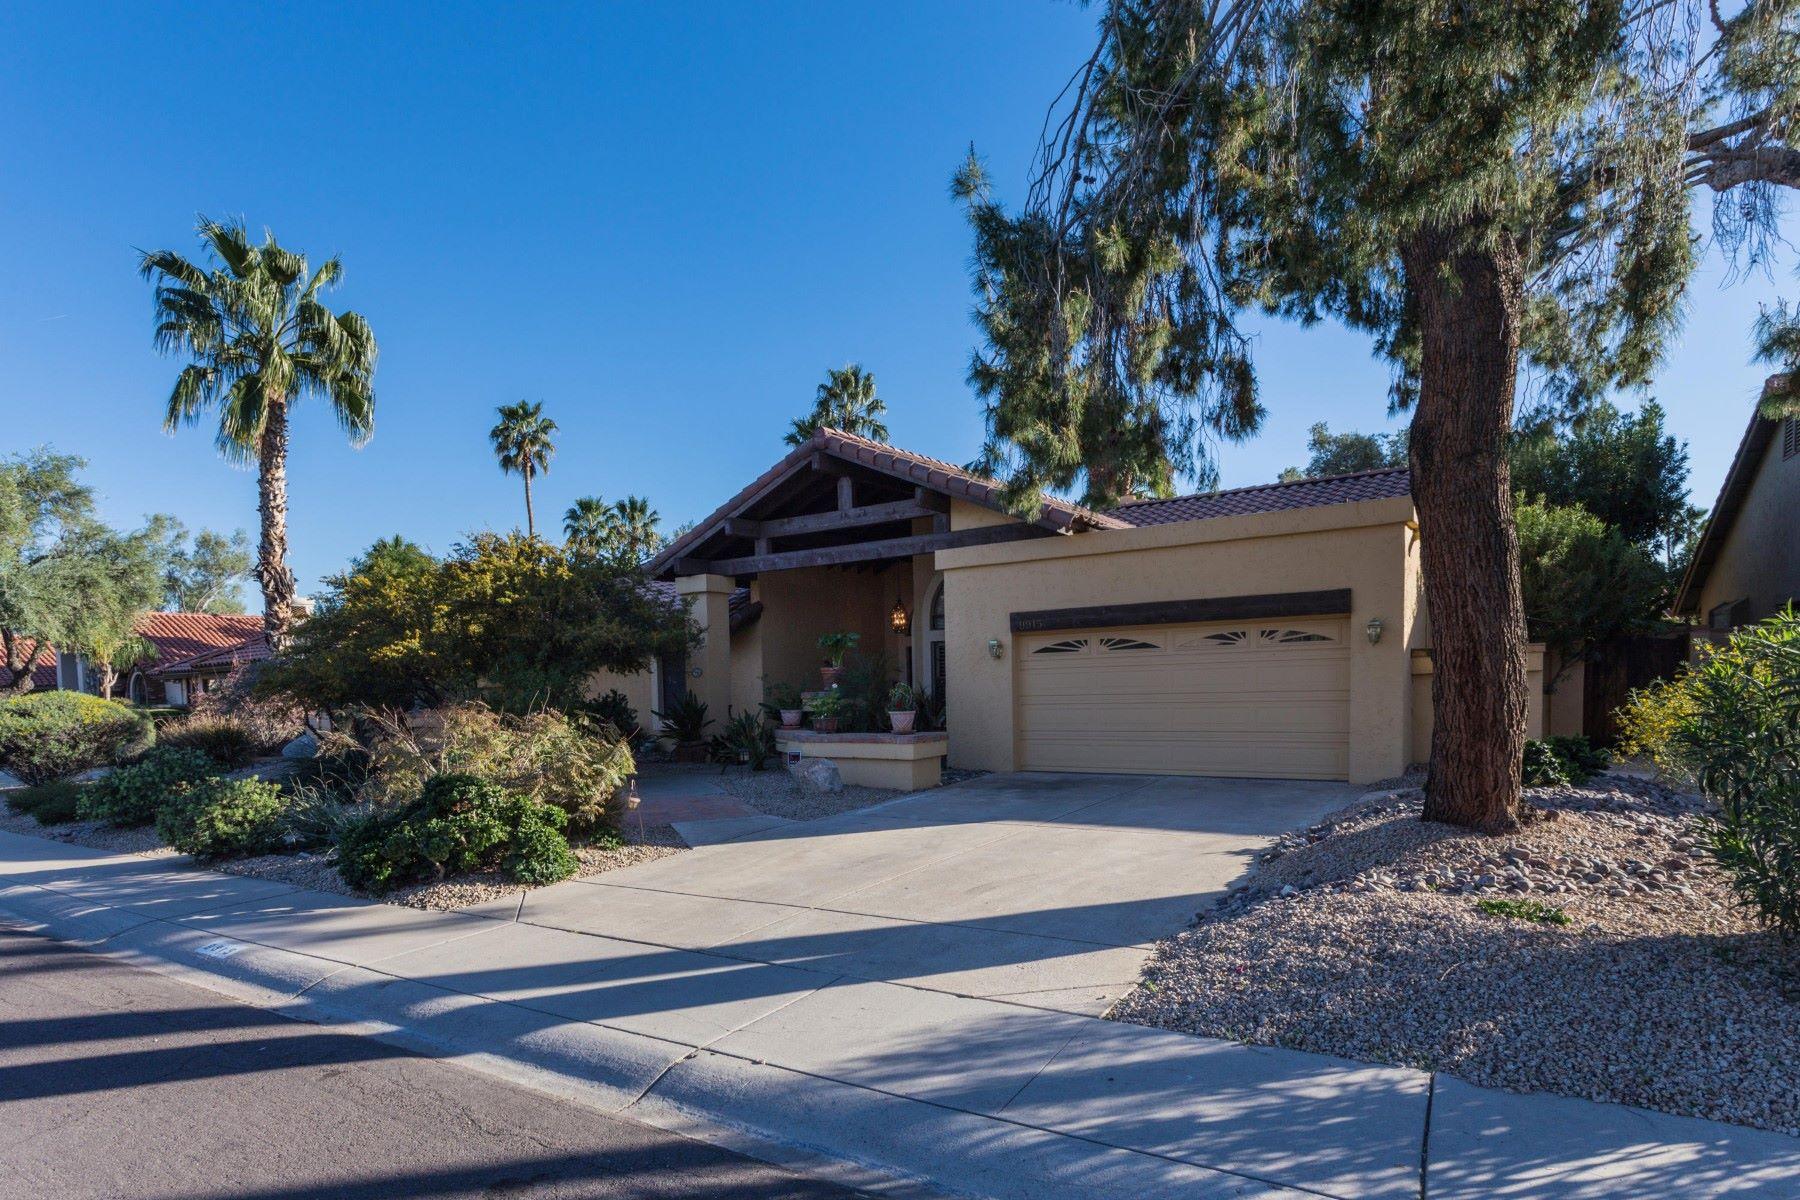 Maison unifamiliale pour l Vente à Charming Scottsdale Ranch home 9915 E Cinnabar Ave Scottsdale, Arizona, 85258 États-Unis